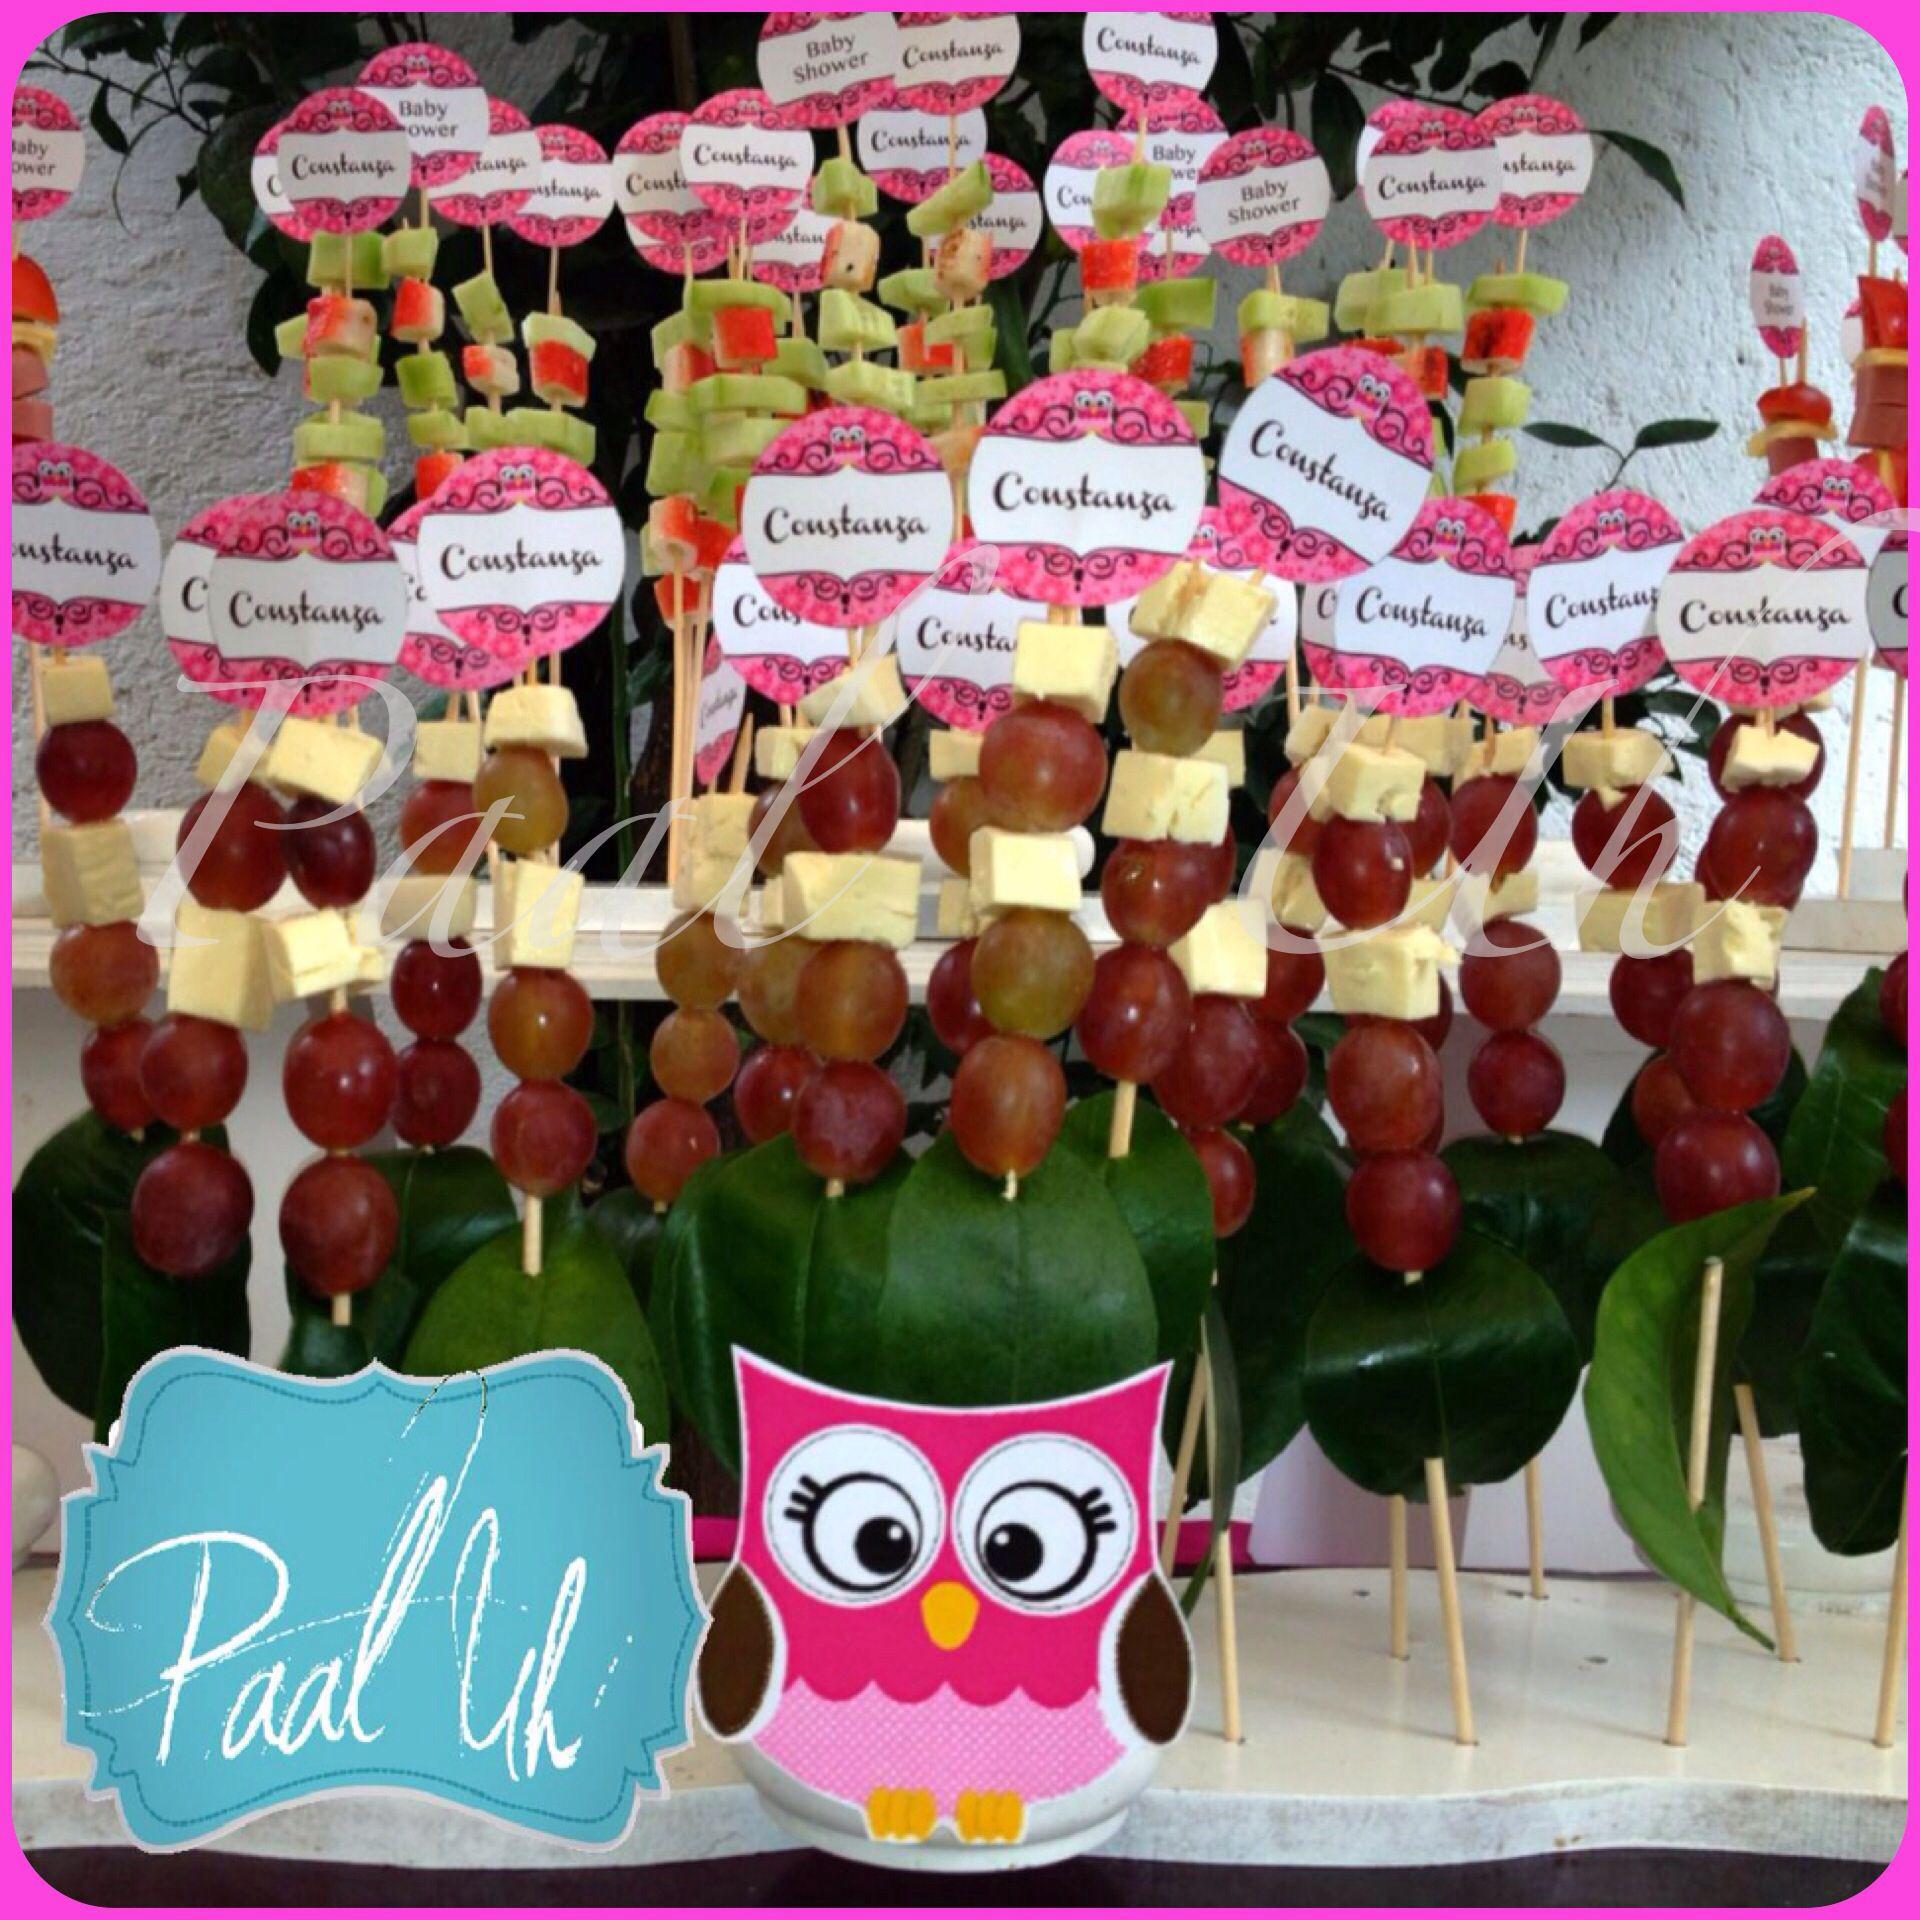 Paal Uh Mesas de Postres & Snack s Bocadillos Baby Shower Bºho